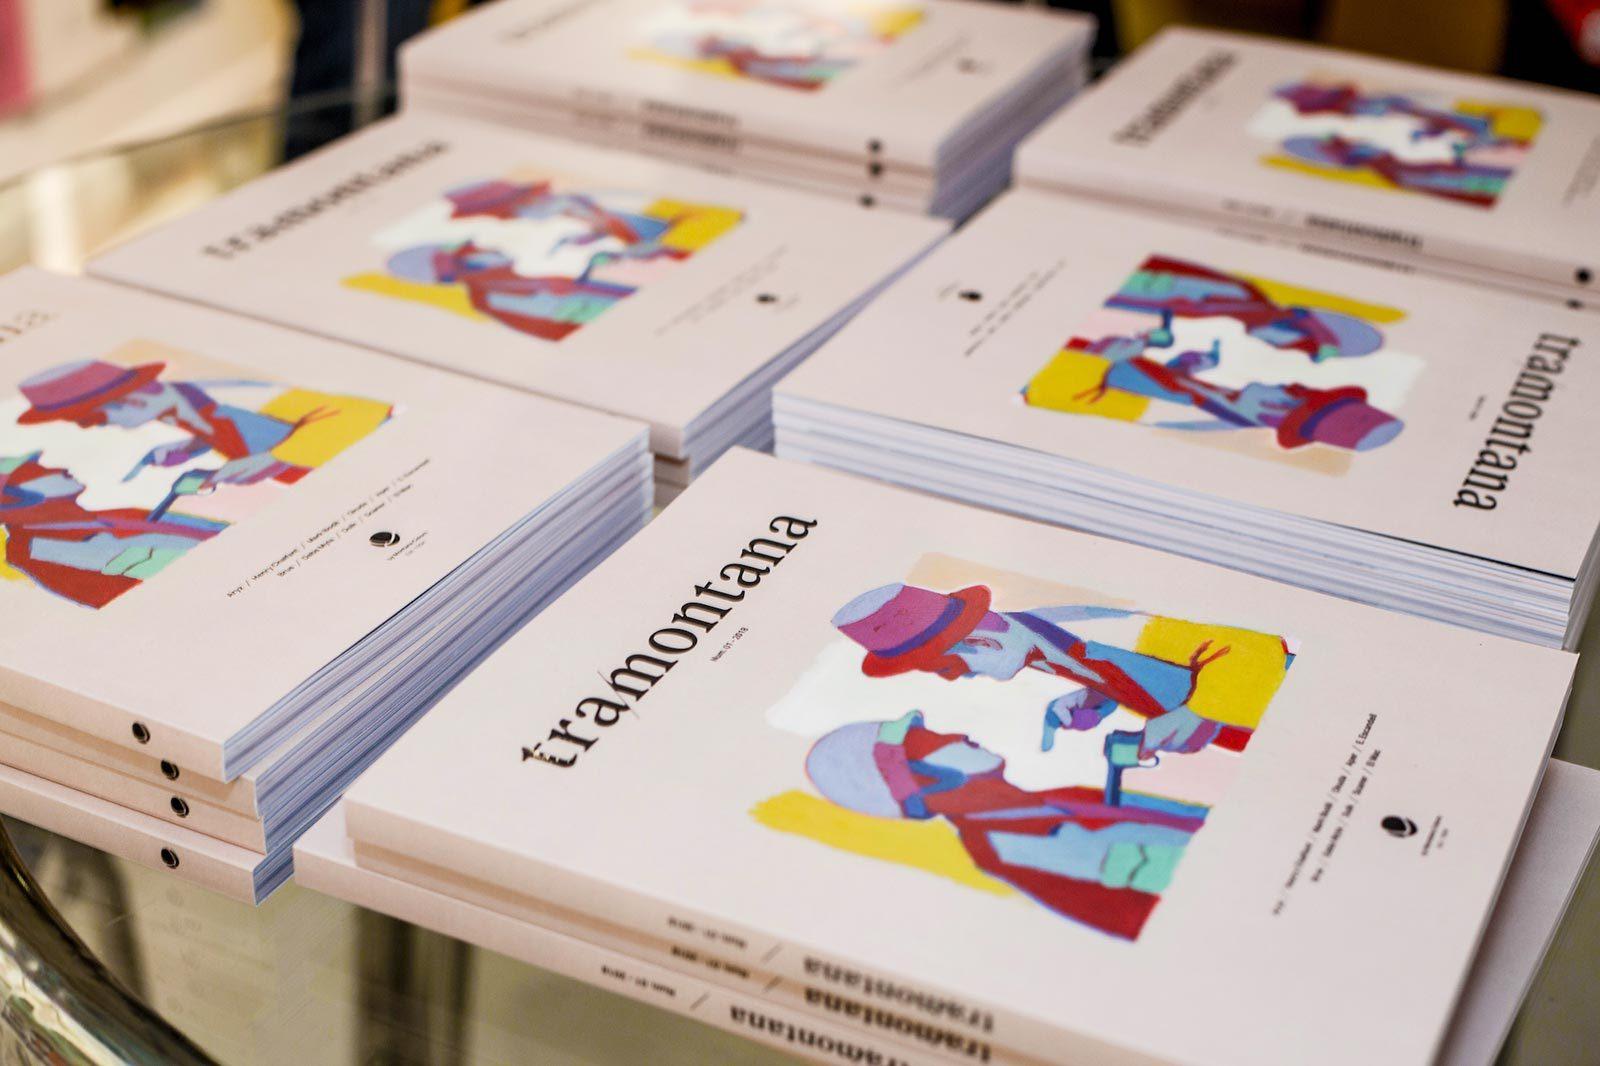 Tramontana immortalise les souvenirs Graffiti dans un livre gratuit